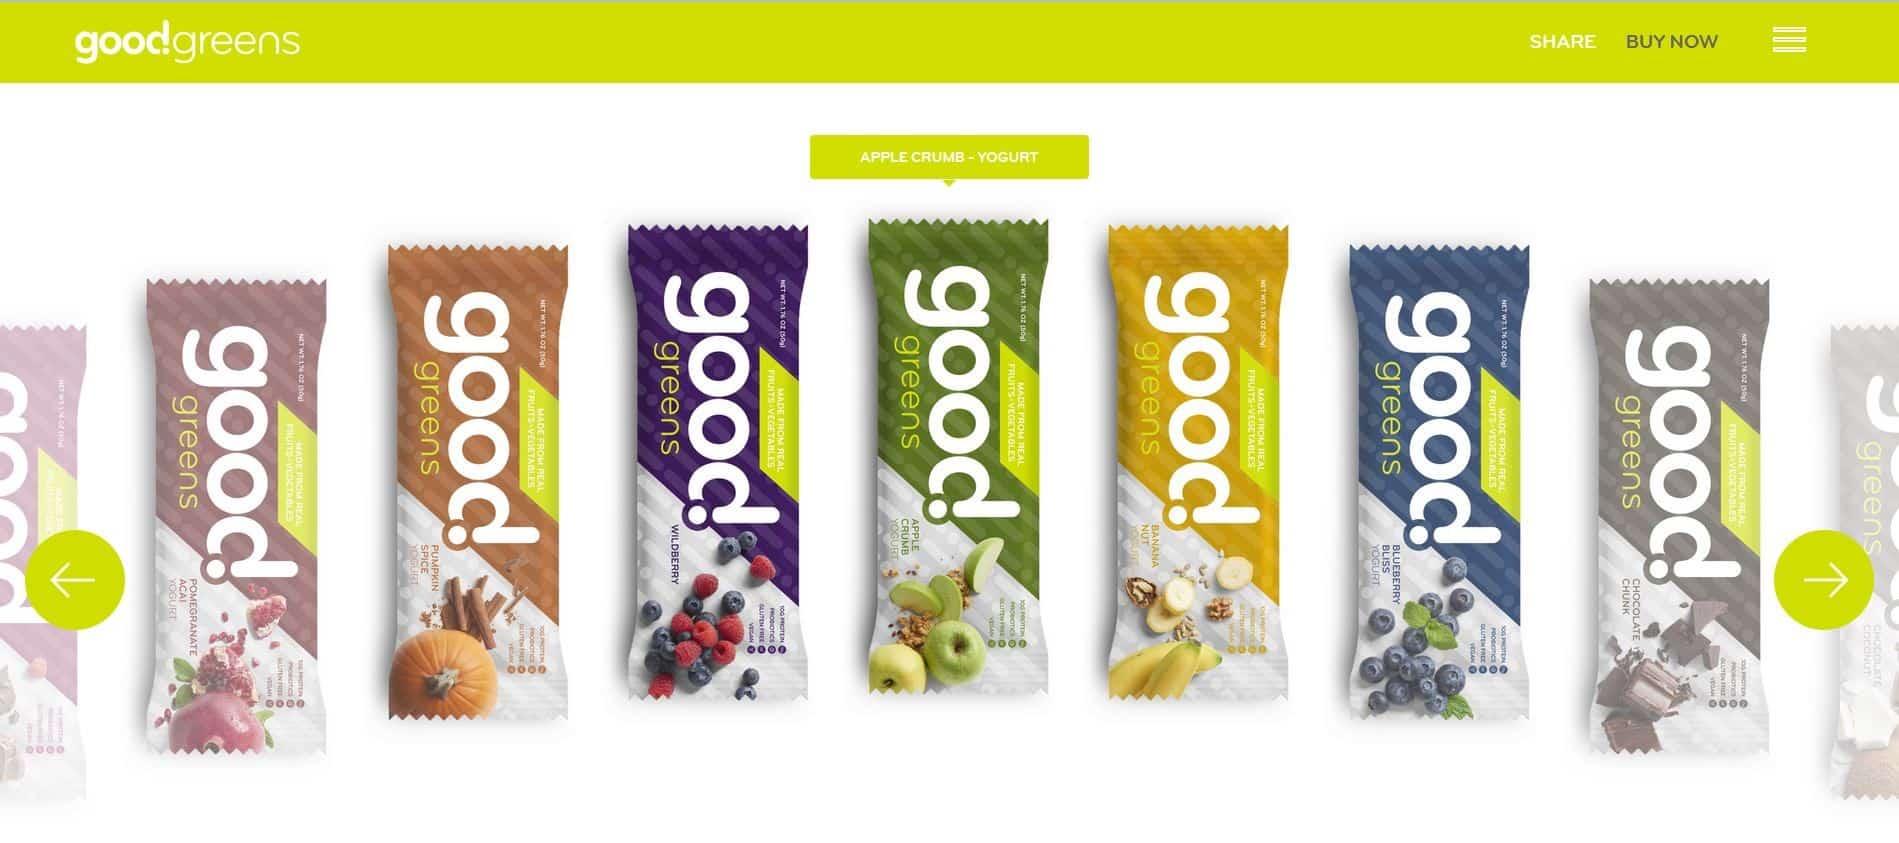 متجر Good Greens للطعام الصحي